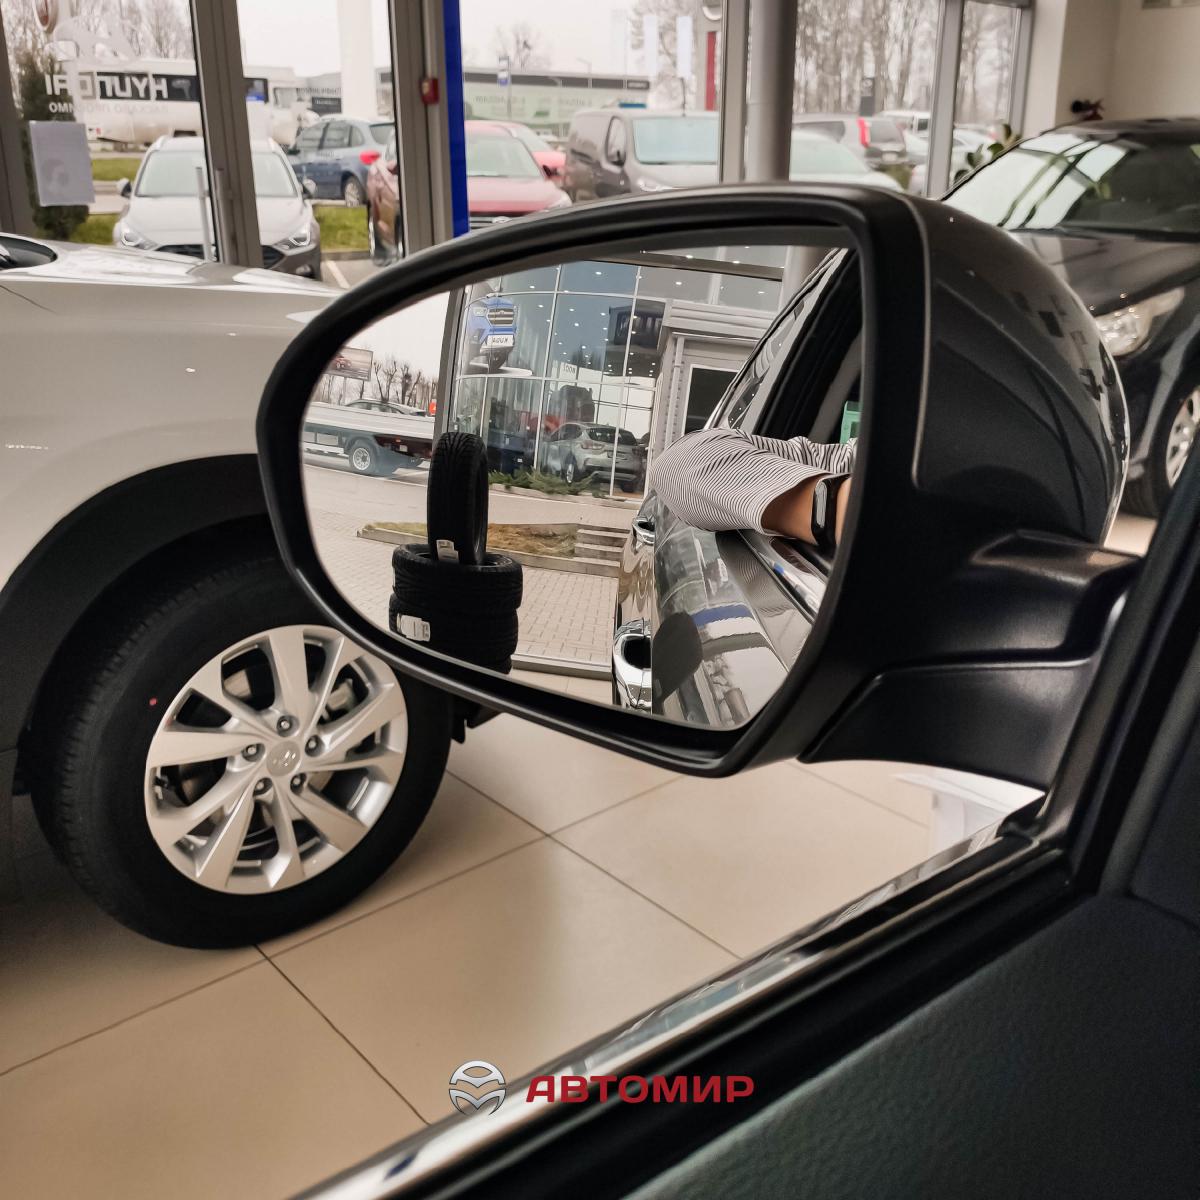 Теплі функції автомобілів Hyundai | БУГ АВТО - фото 8